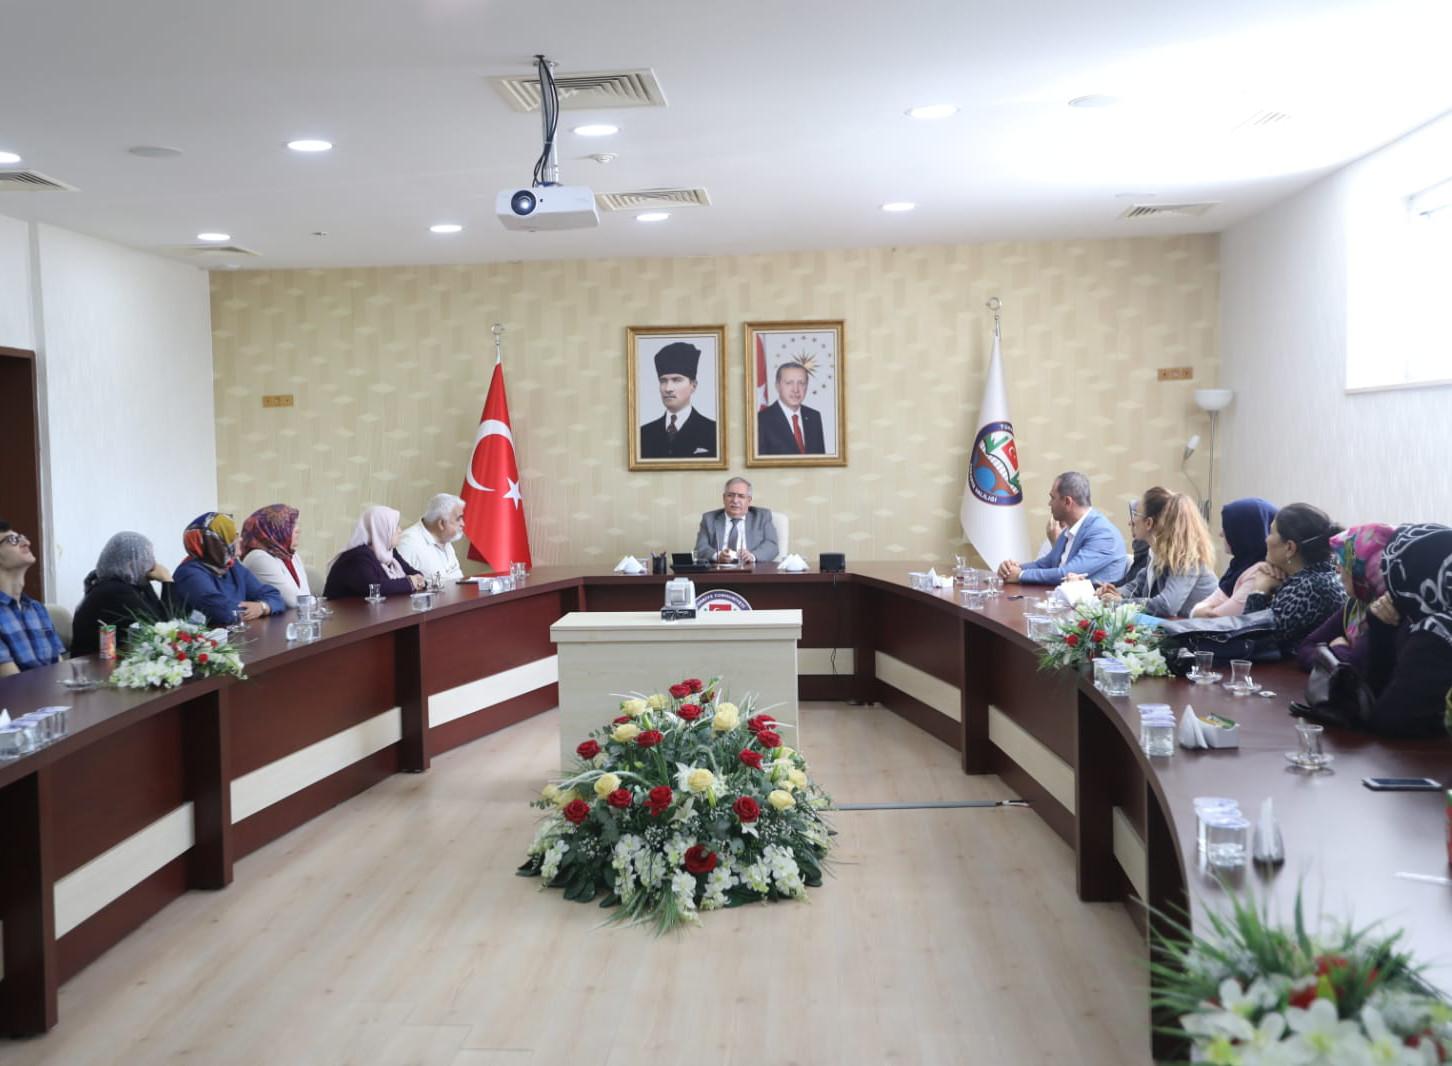 Engellilerin İstihdamı Konulu Değerlendirme Toplantısı Gerçekleştirildi